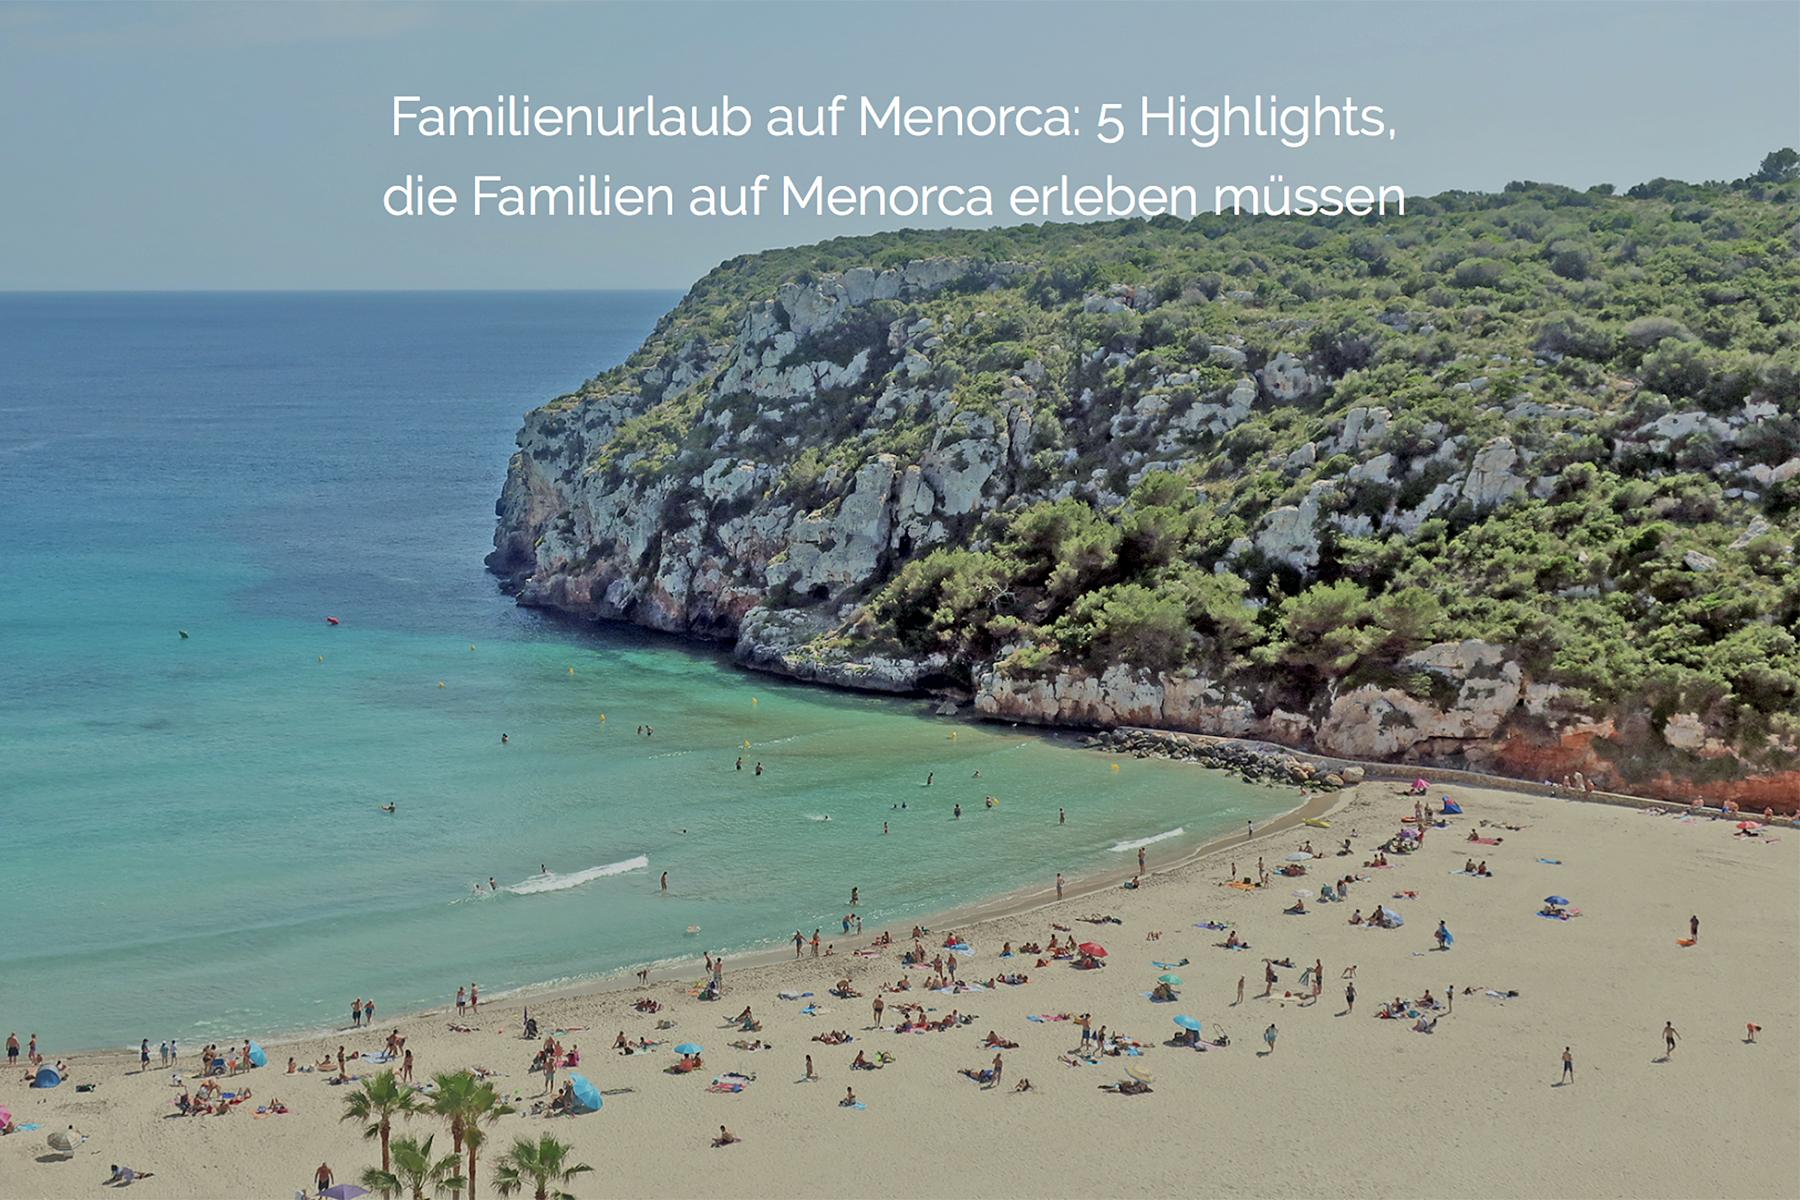 Urlaub auf Menorca: Urlaubs-Special für die perfekte Reise nach Menorca